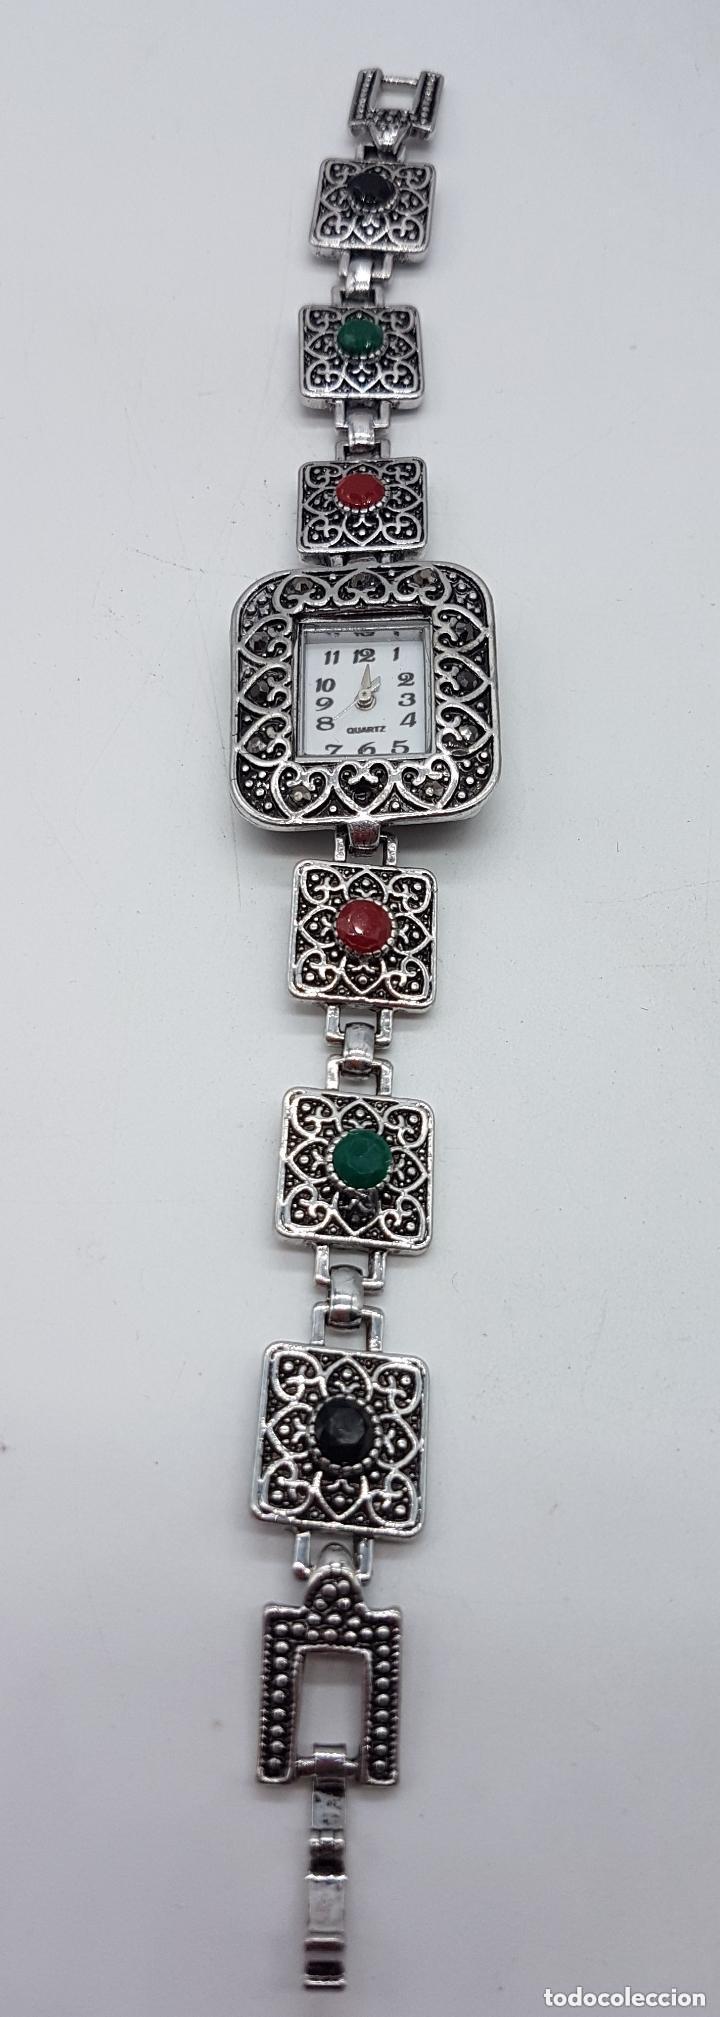 Relojes: Bello reloj de estilo art decó con baño en plata de ley . - Foto 2 - 168064188